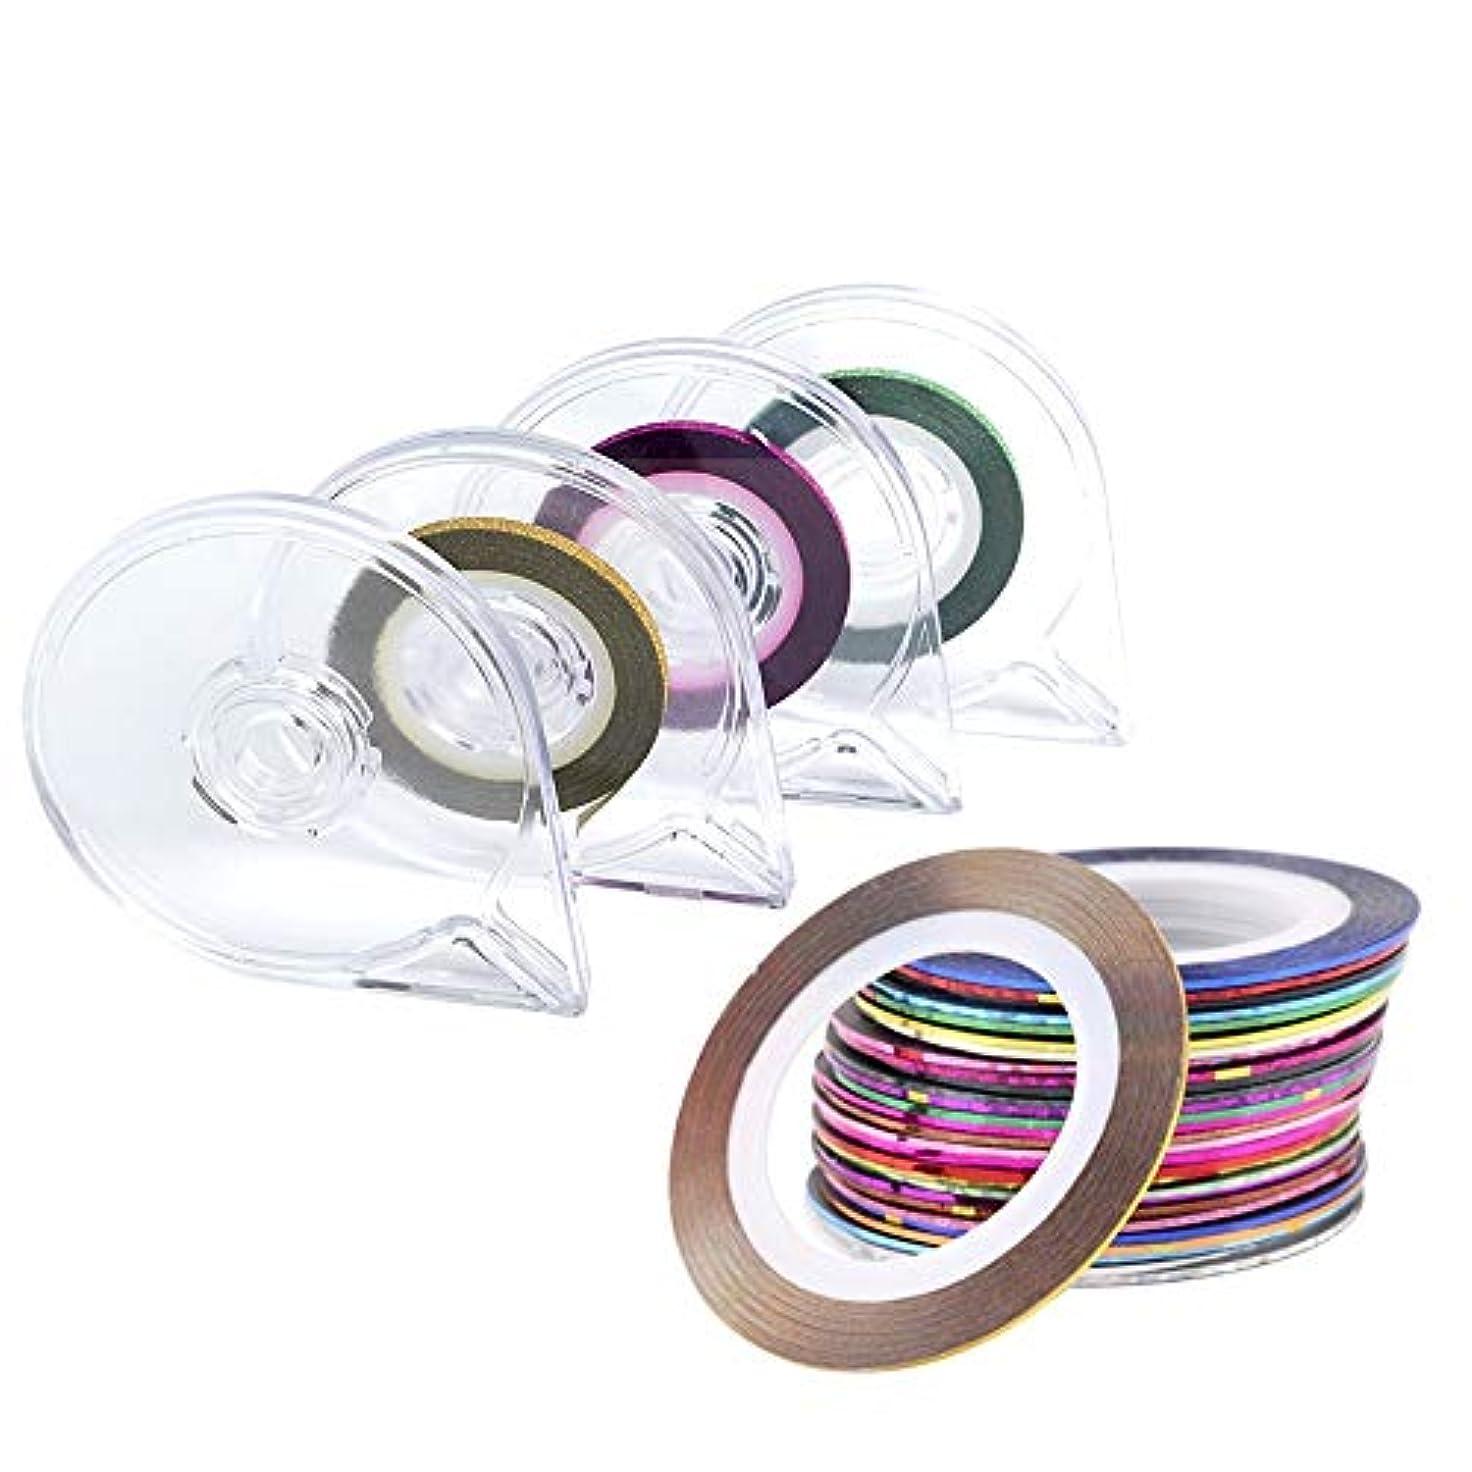 里親混合した禁止するラインテープネイルアート用 ラインテープ シート ジェルネイル用 マニキュア セット ジェルネイル アート用ラインテープ 専用ケース付き 30ピース (Color : Mixed Colour)